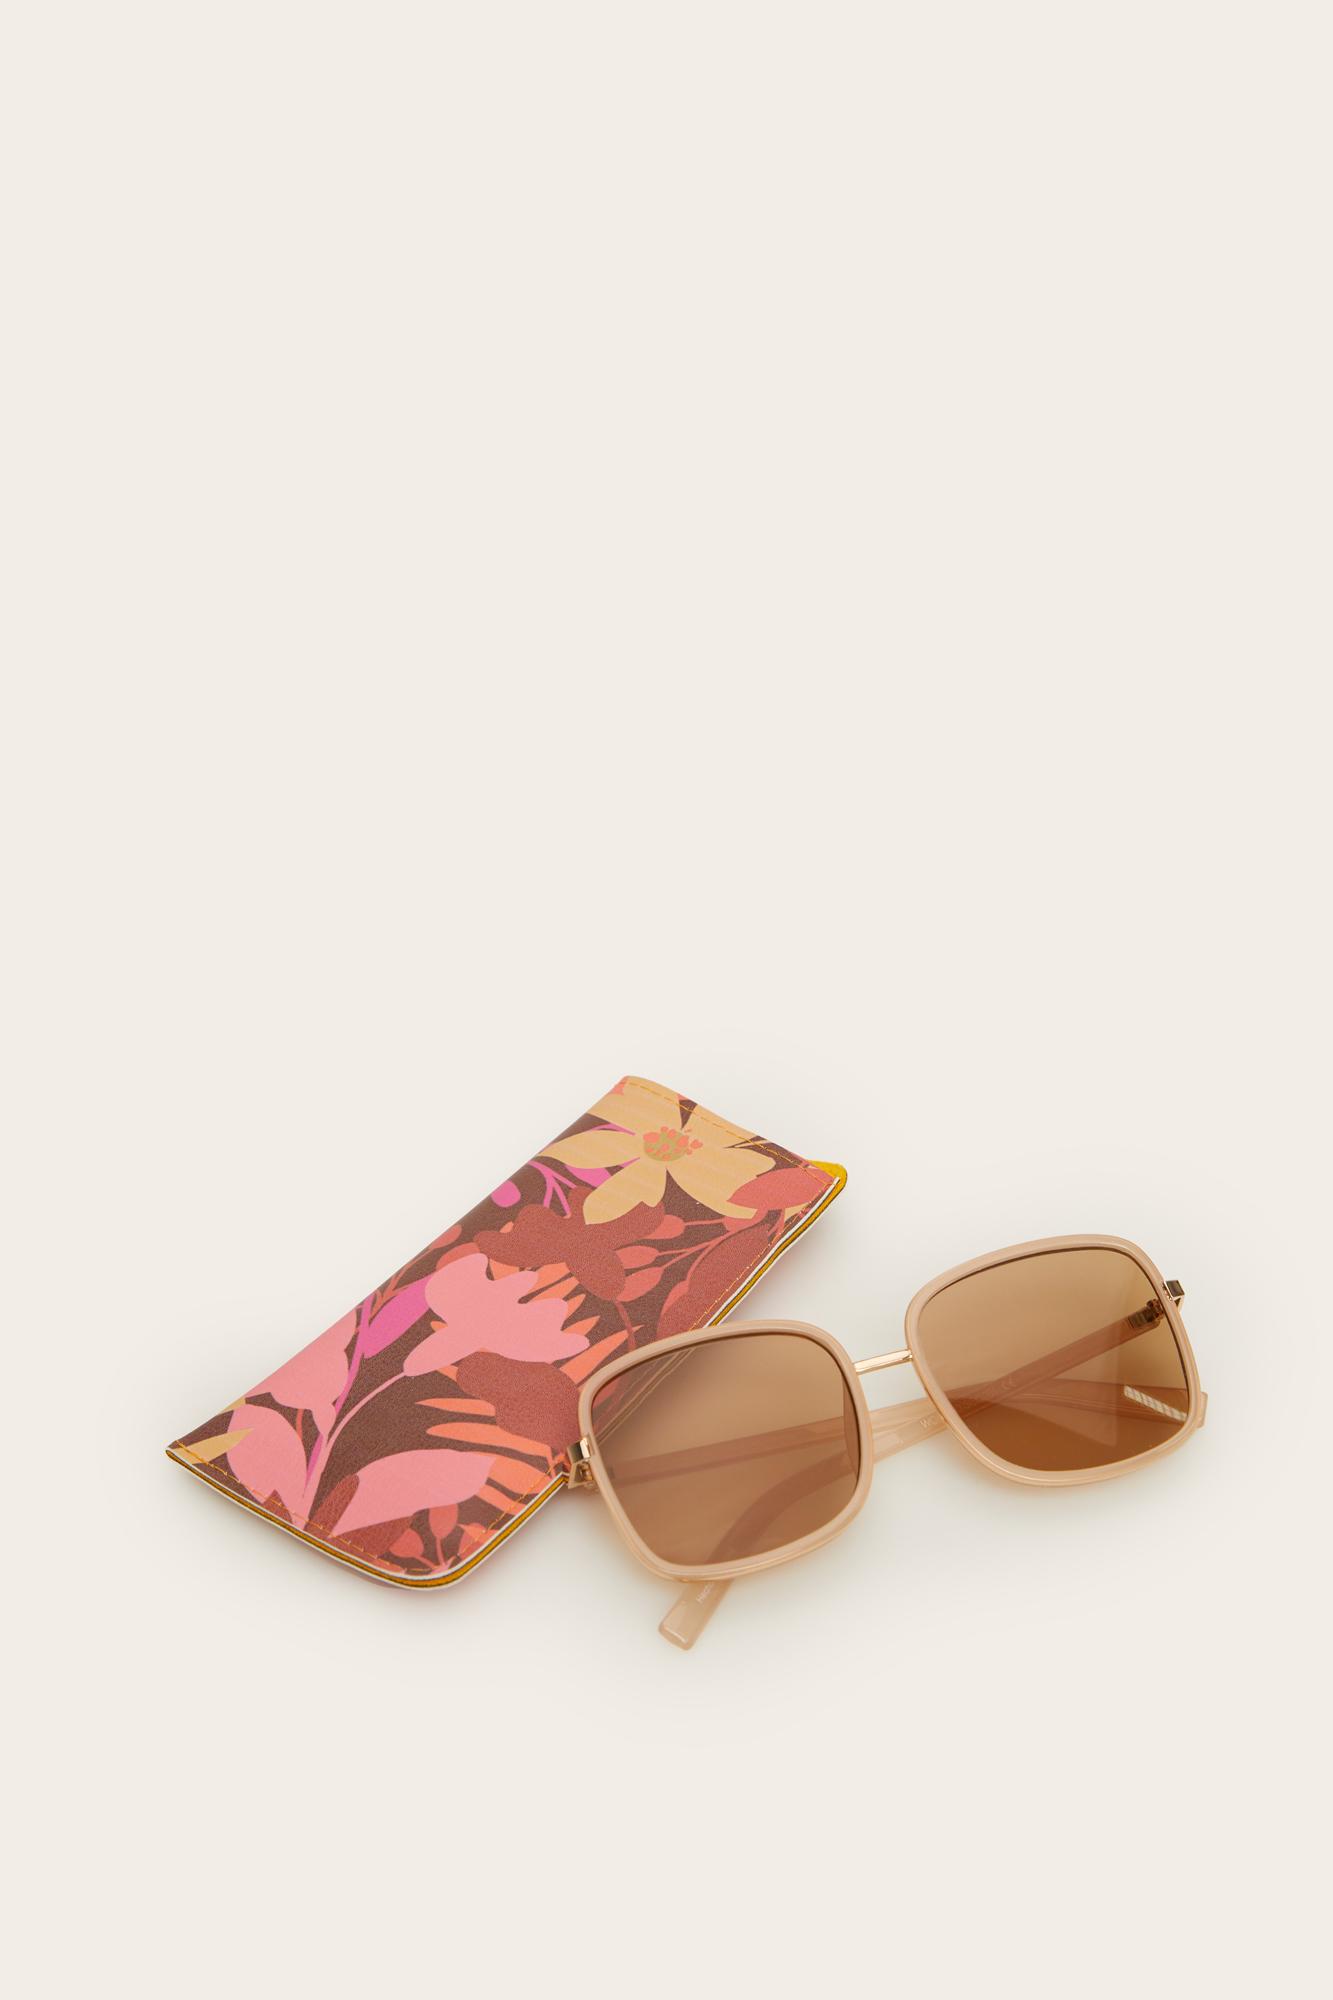 Gafas sol retro | Bisutería y gafas de sol | Women'secret